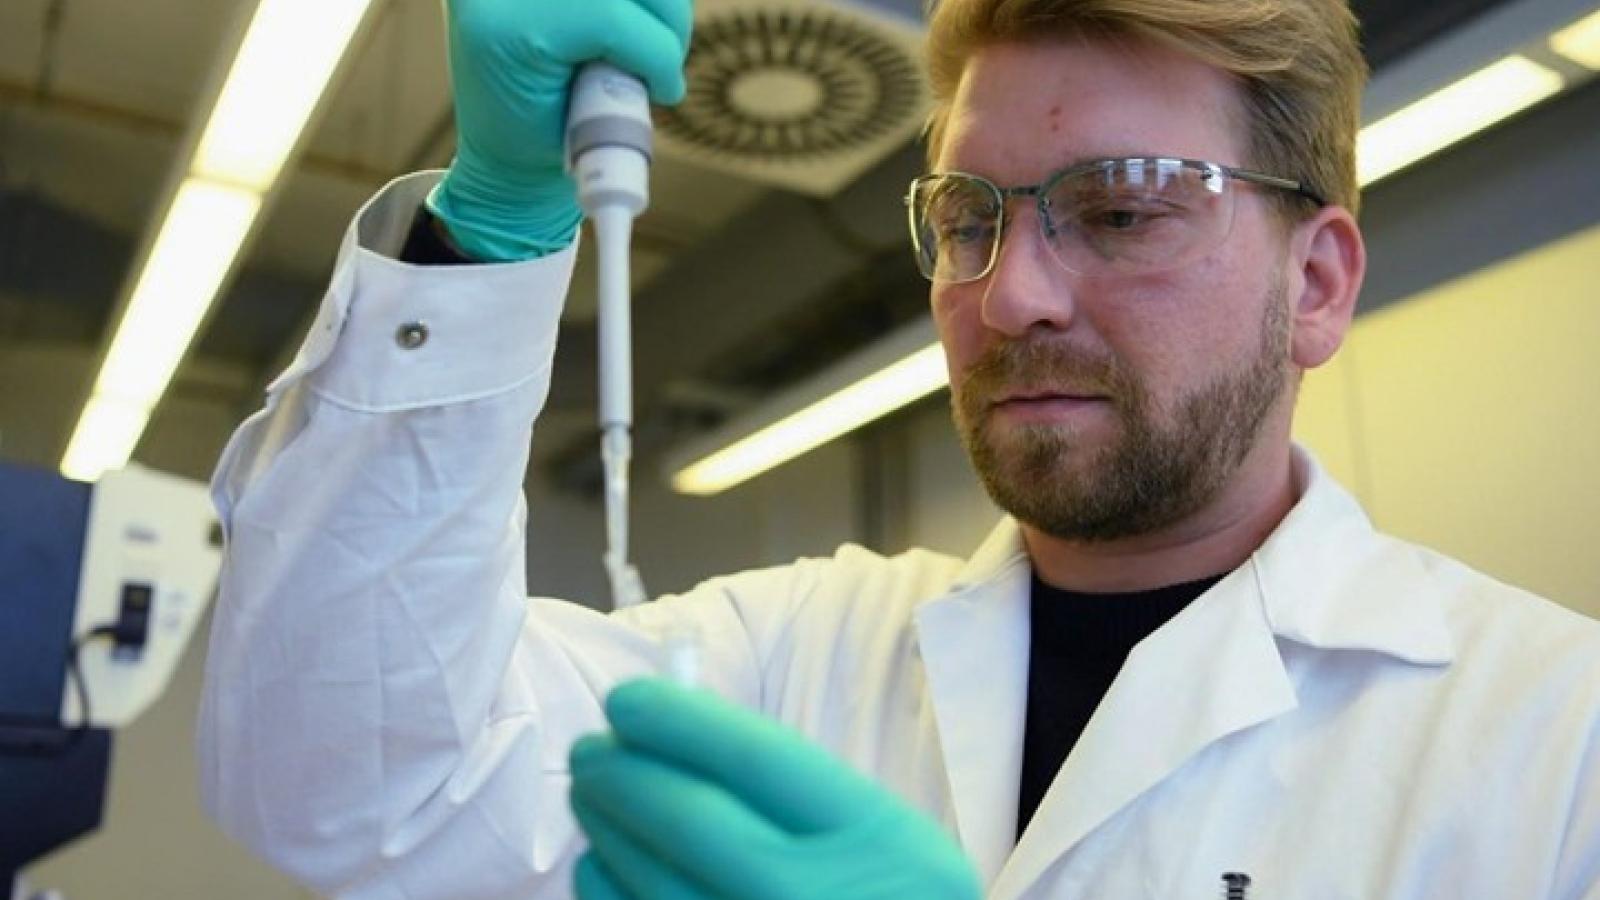 Anh thử nghiệm điều trị Covid-19 bằng huyết tương người khỏi bệnh